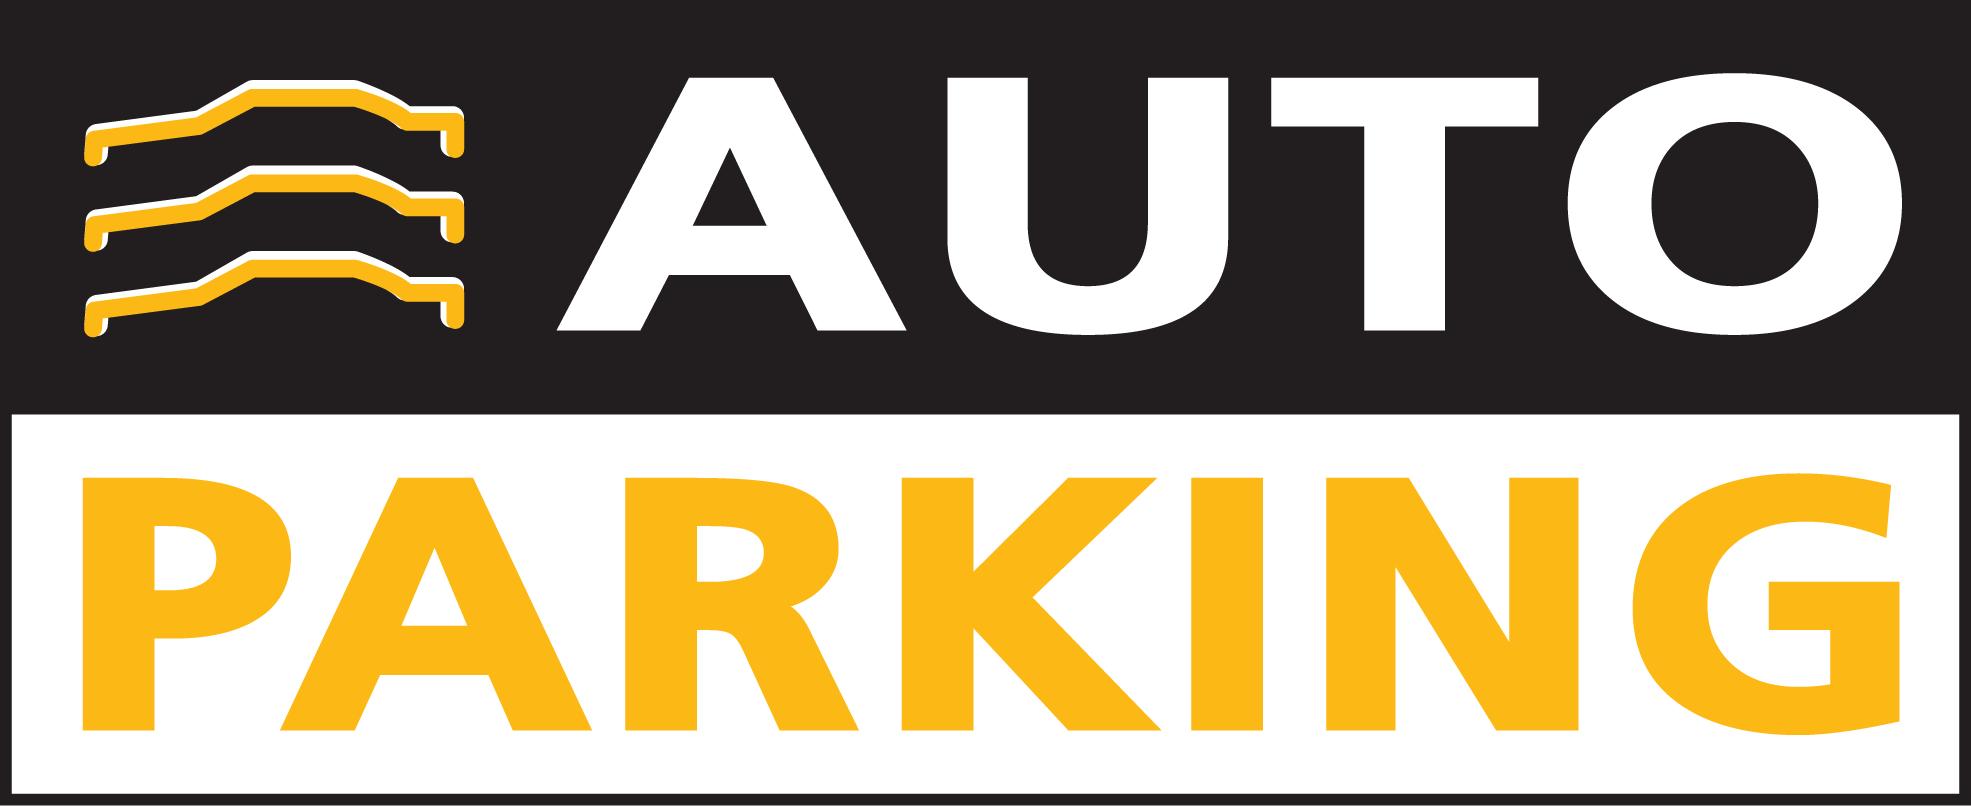 Autoparking | Μηχανικά Συστήματα Στάθμευσης | Αναβατόρια Αυτοκινήτων